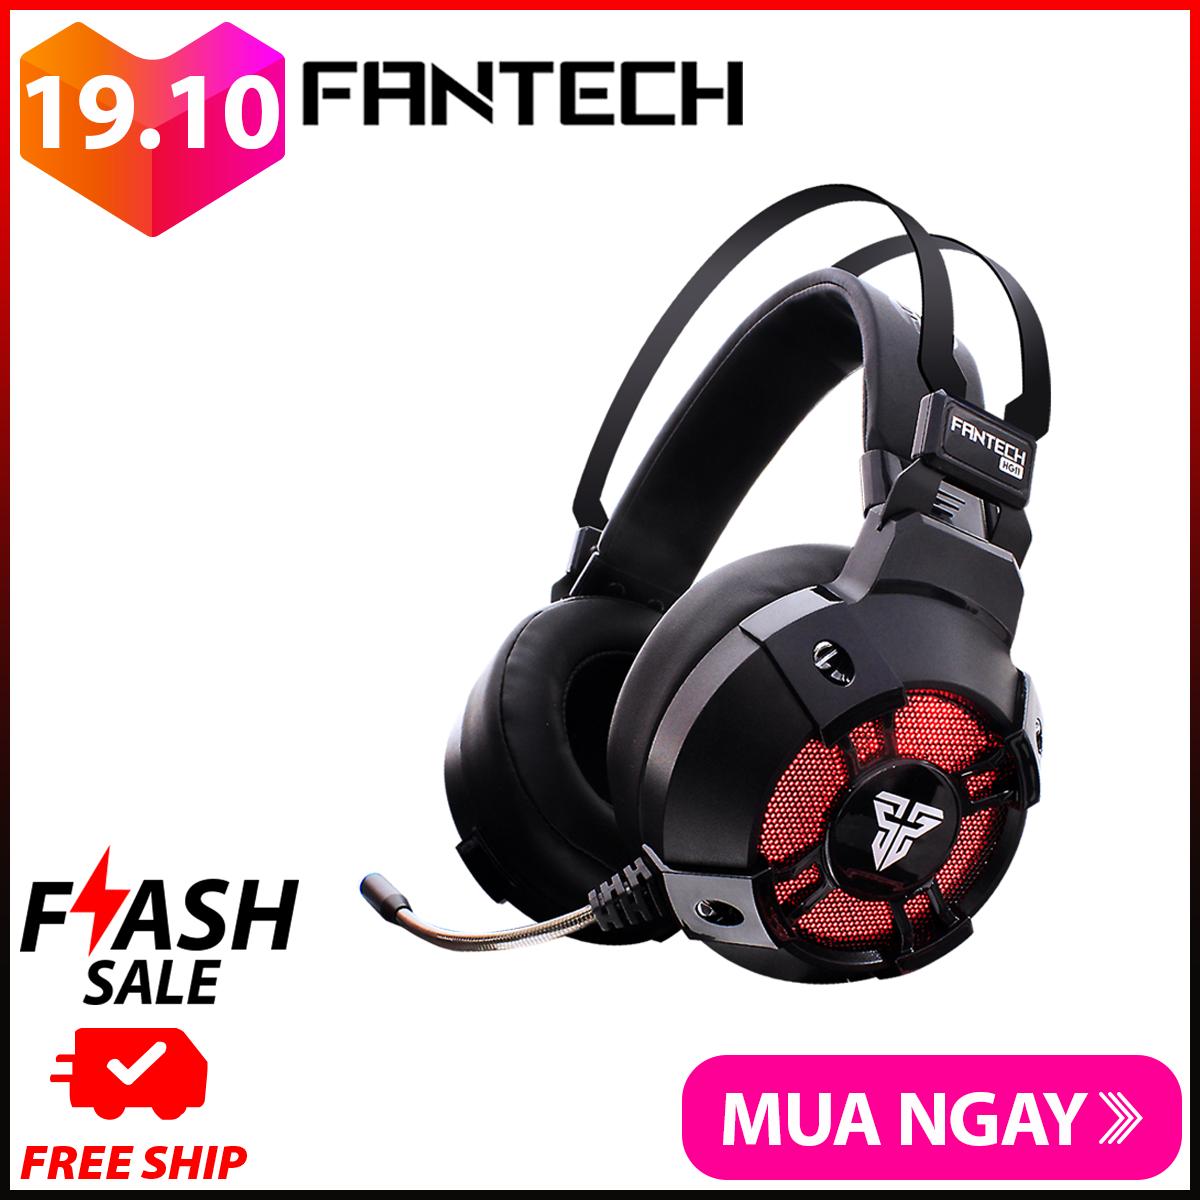 Tai nghe Gaming 7.1 Fantech HG11 CAPTAIN LED RGB Hỗ Trợ Mic Chống Ồn – Hãng Phân Phối Chính Thức